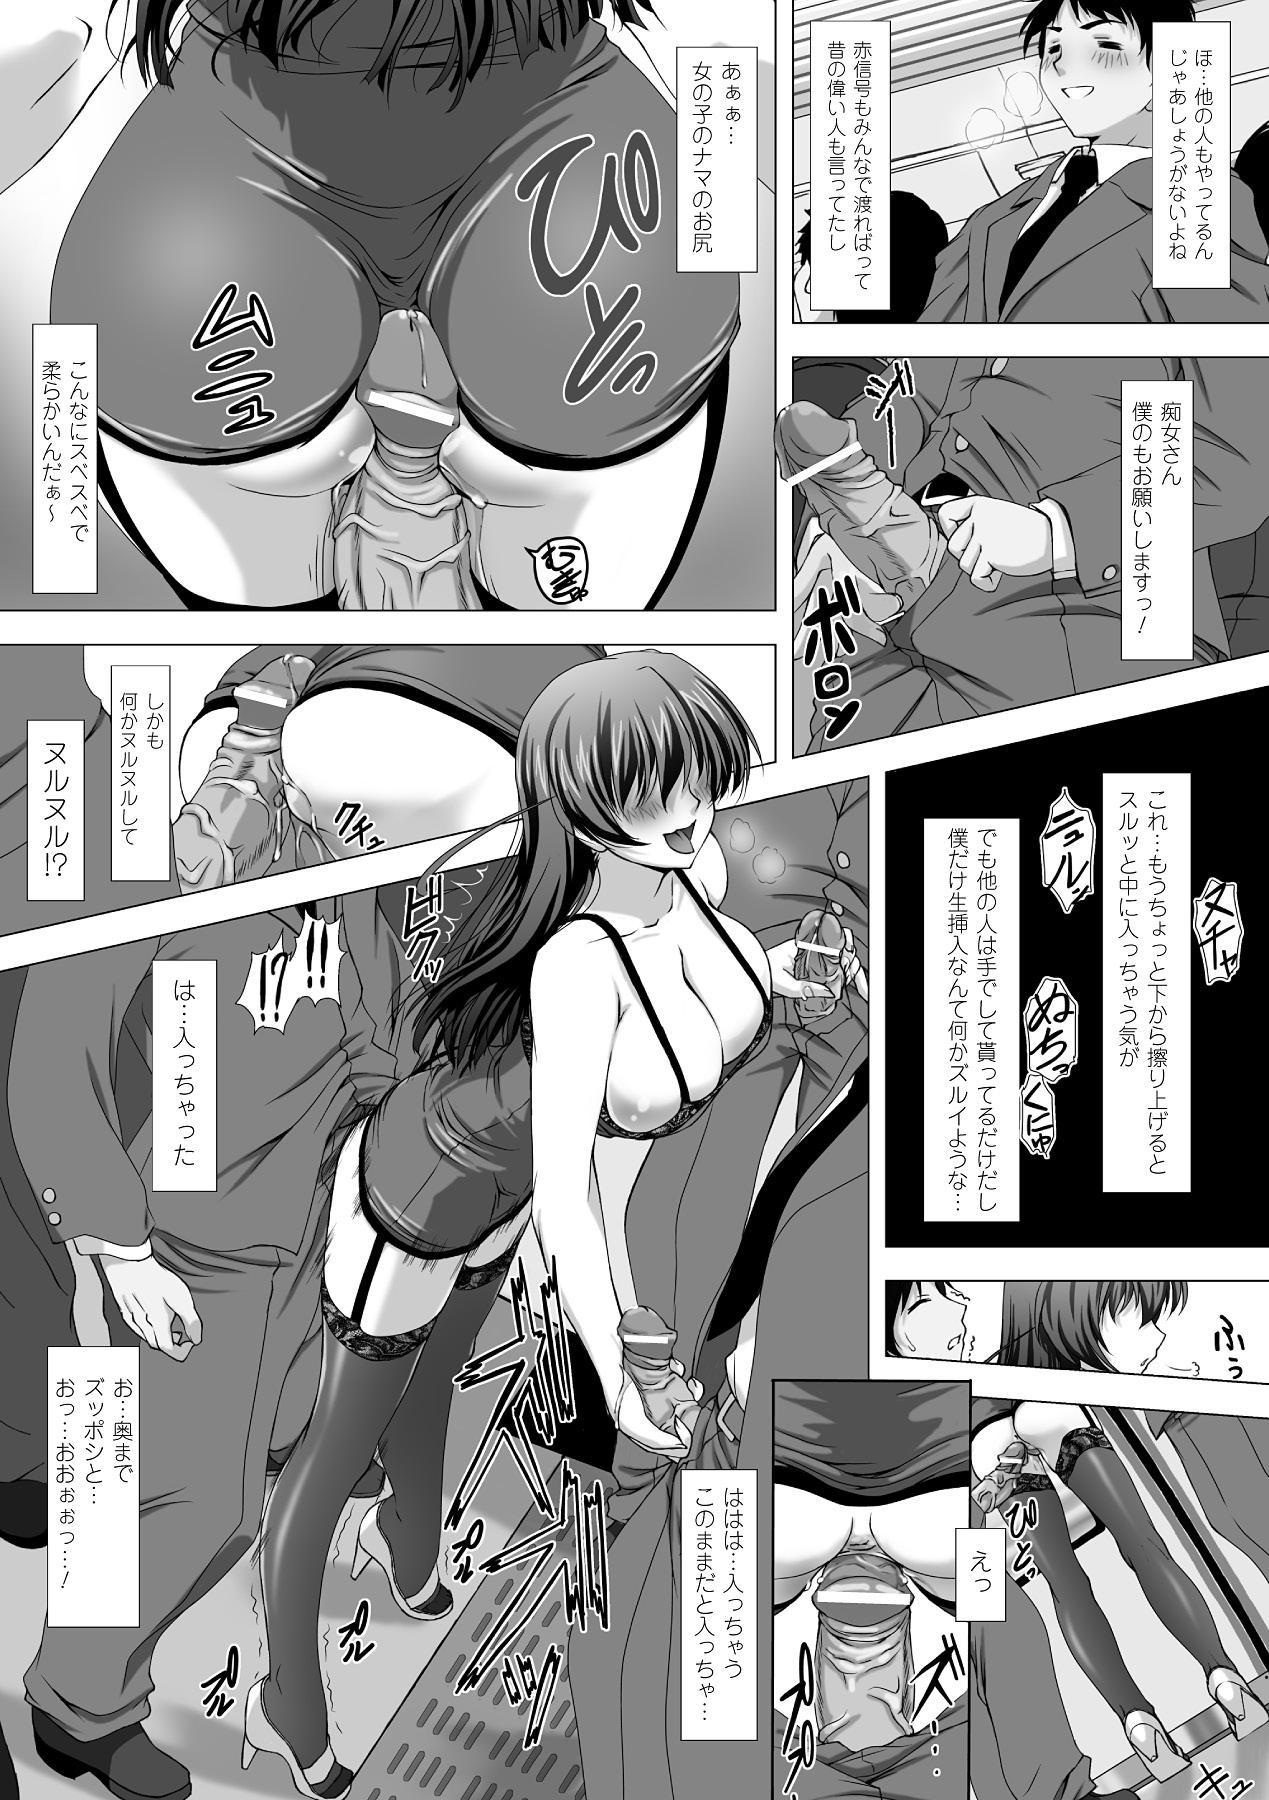 Taimanin Asagi Hajigyaku no Ankokuyuugi THE COMIC 60